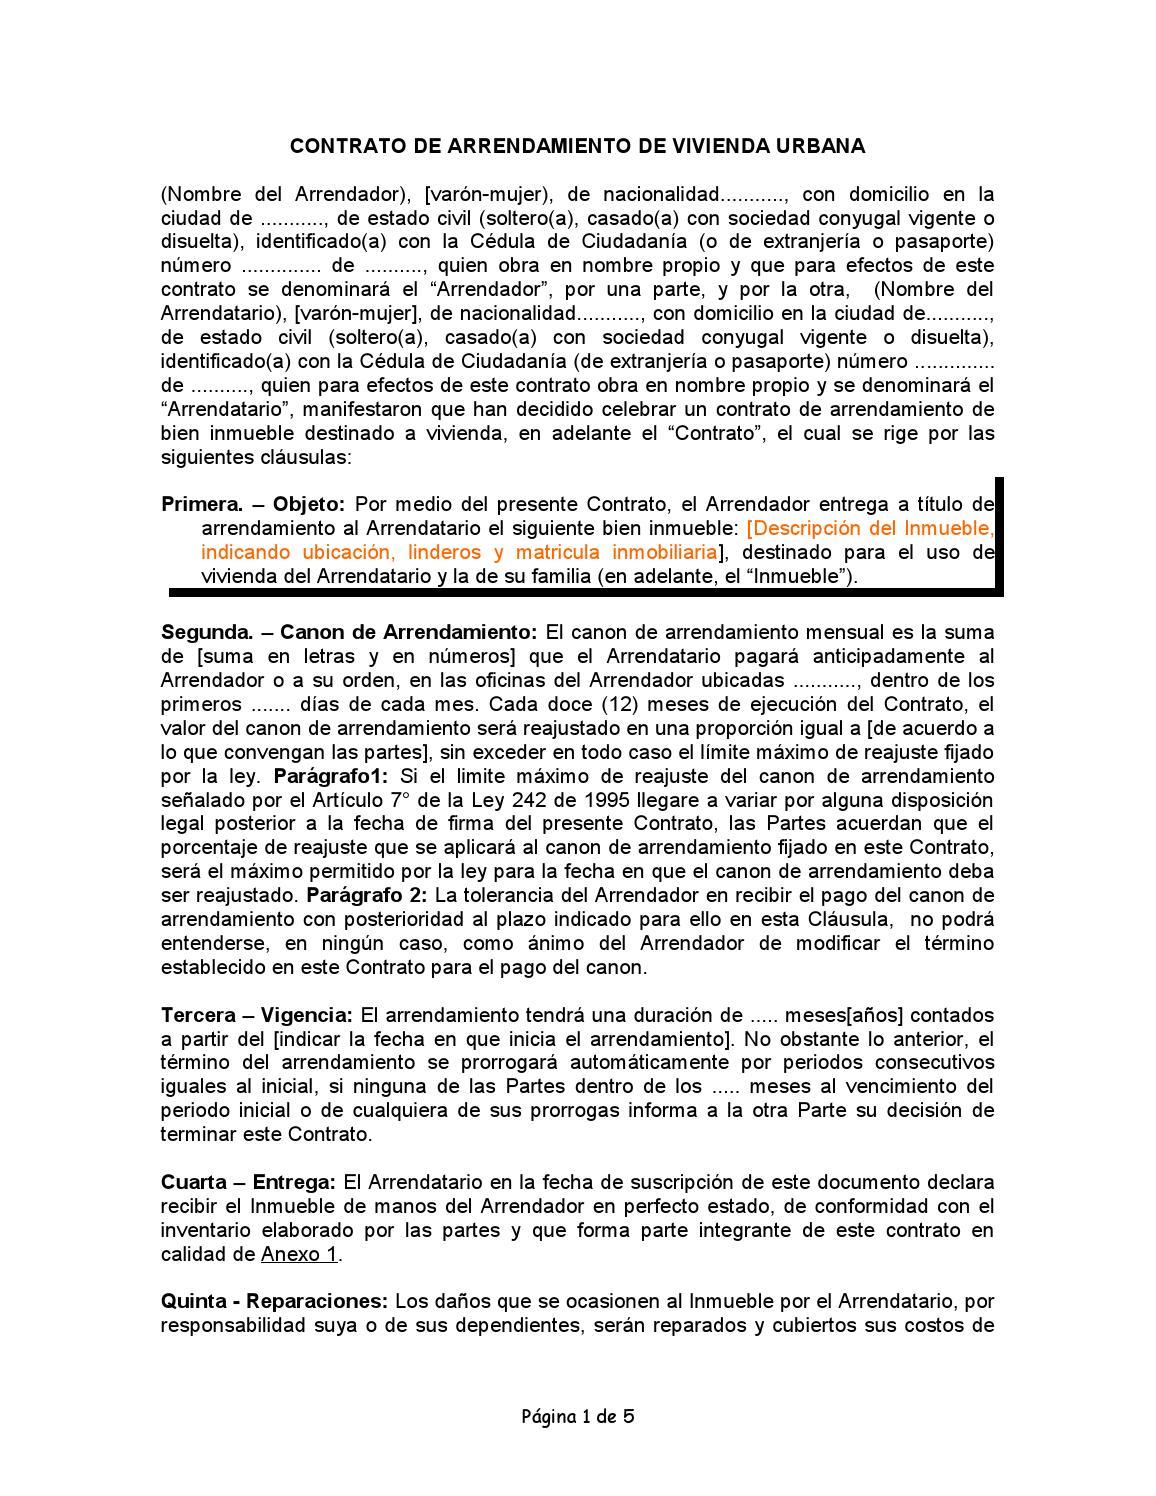 Contrato De Arrendamiento De Vivienda Urbana By Lagasot